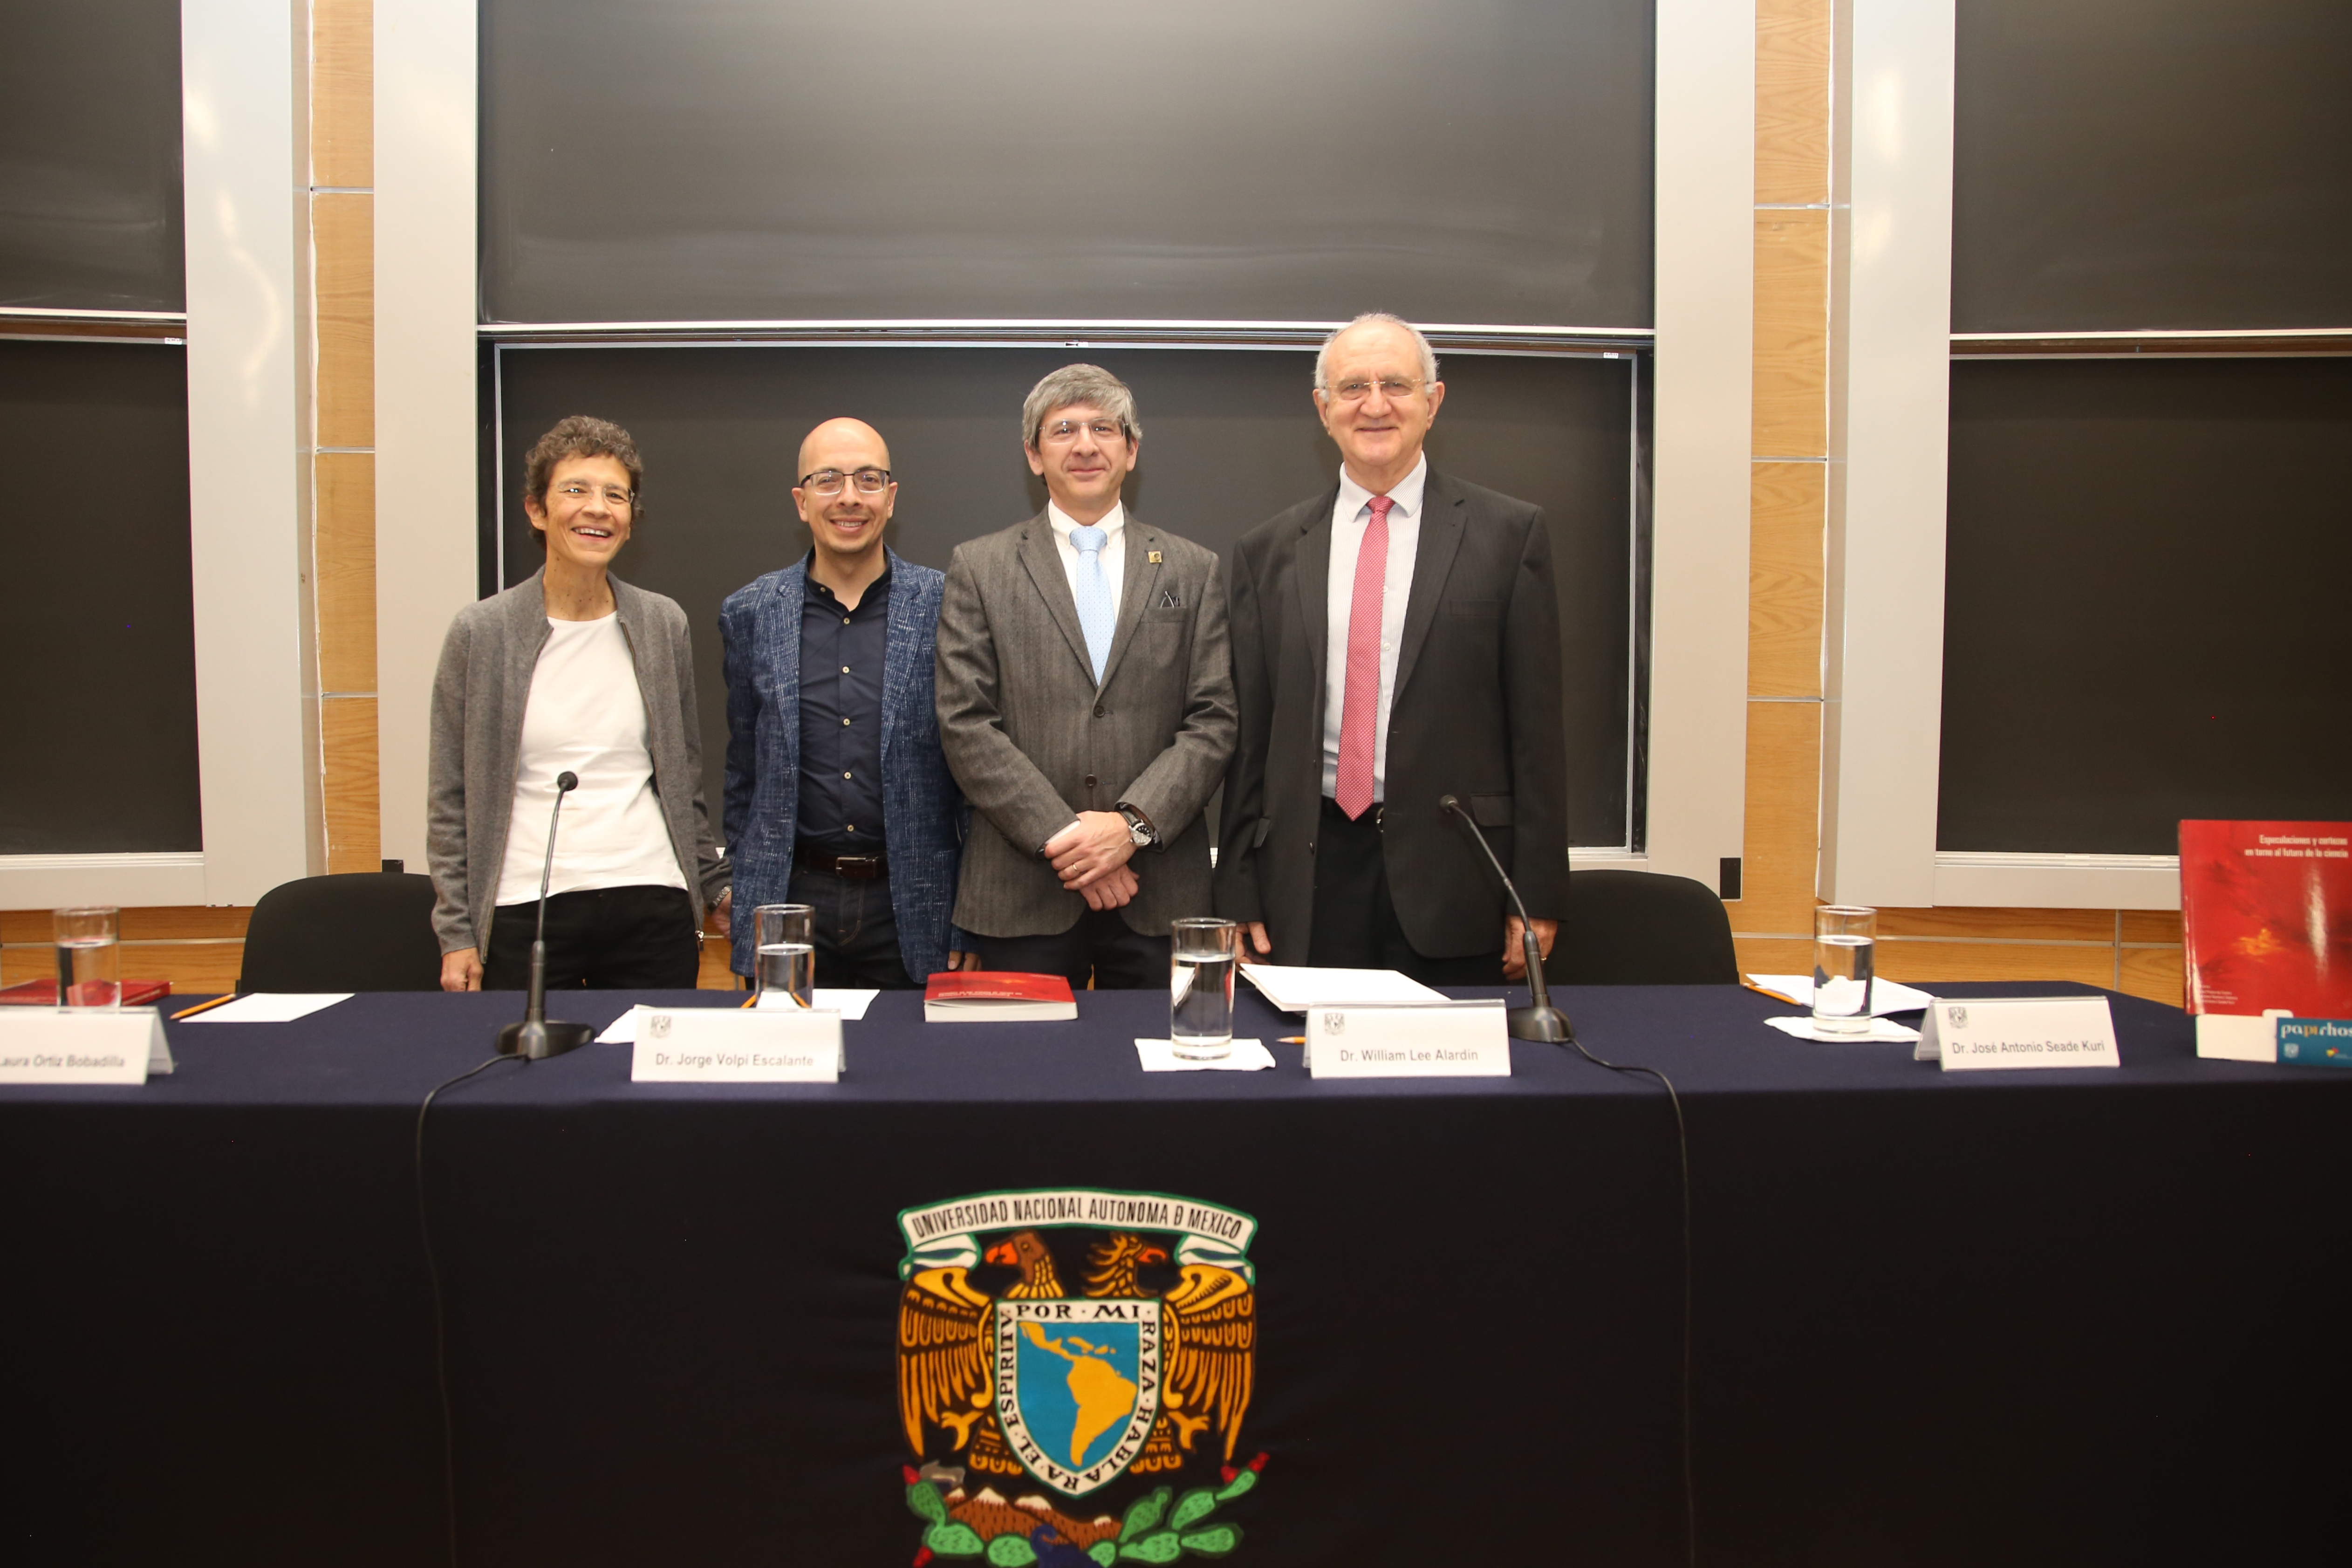 Laura Ortiz Bobadilla, Jorge Volpi Escalante, William Lee Alardín y José Antonio Seade Kuri.